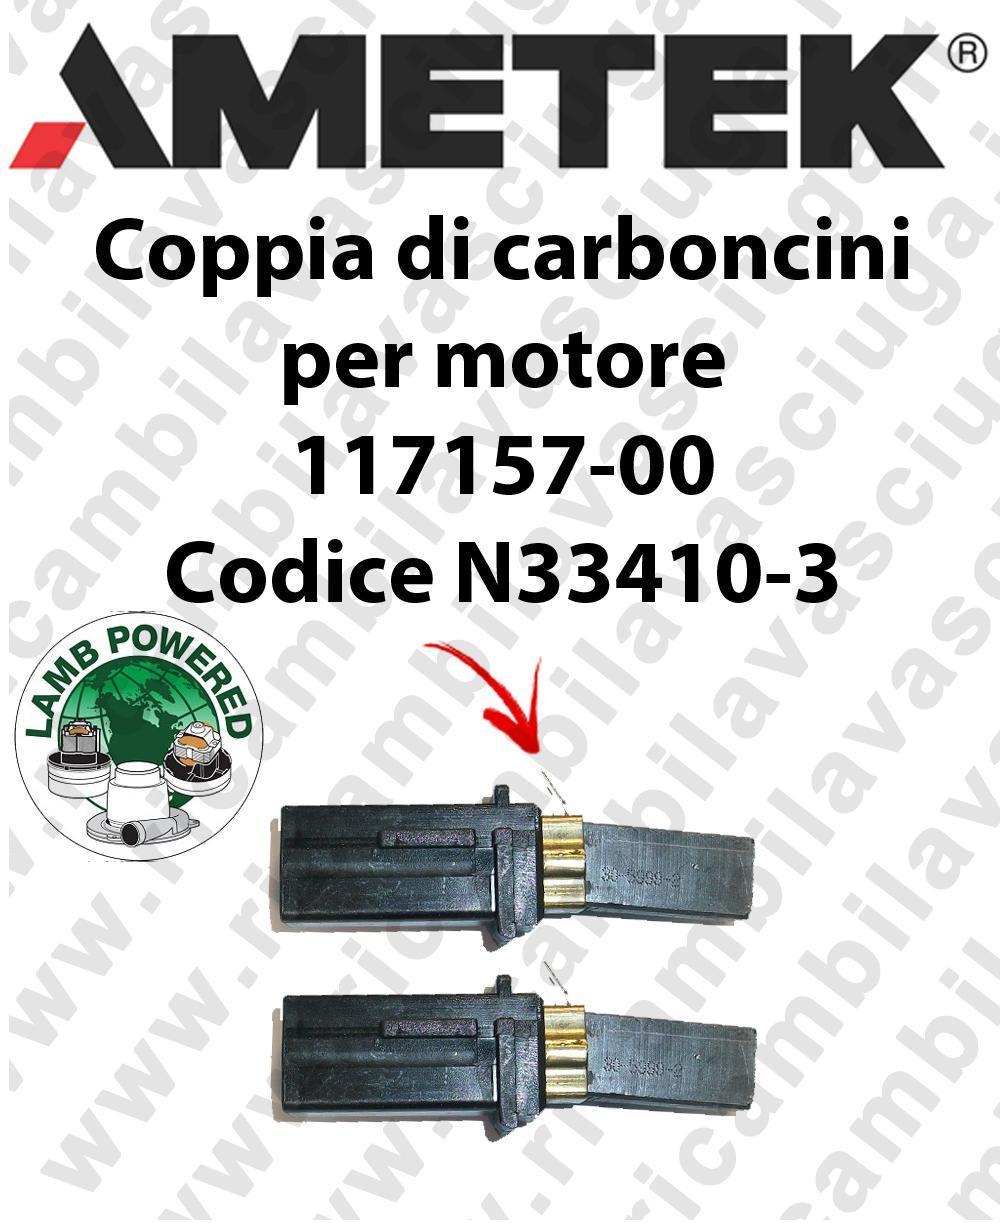 N33410-3 Paar Motorbürsten für motor LAMB AMETEK 117157-00